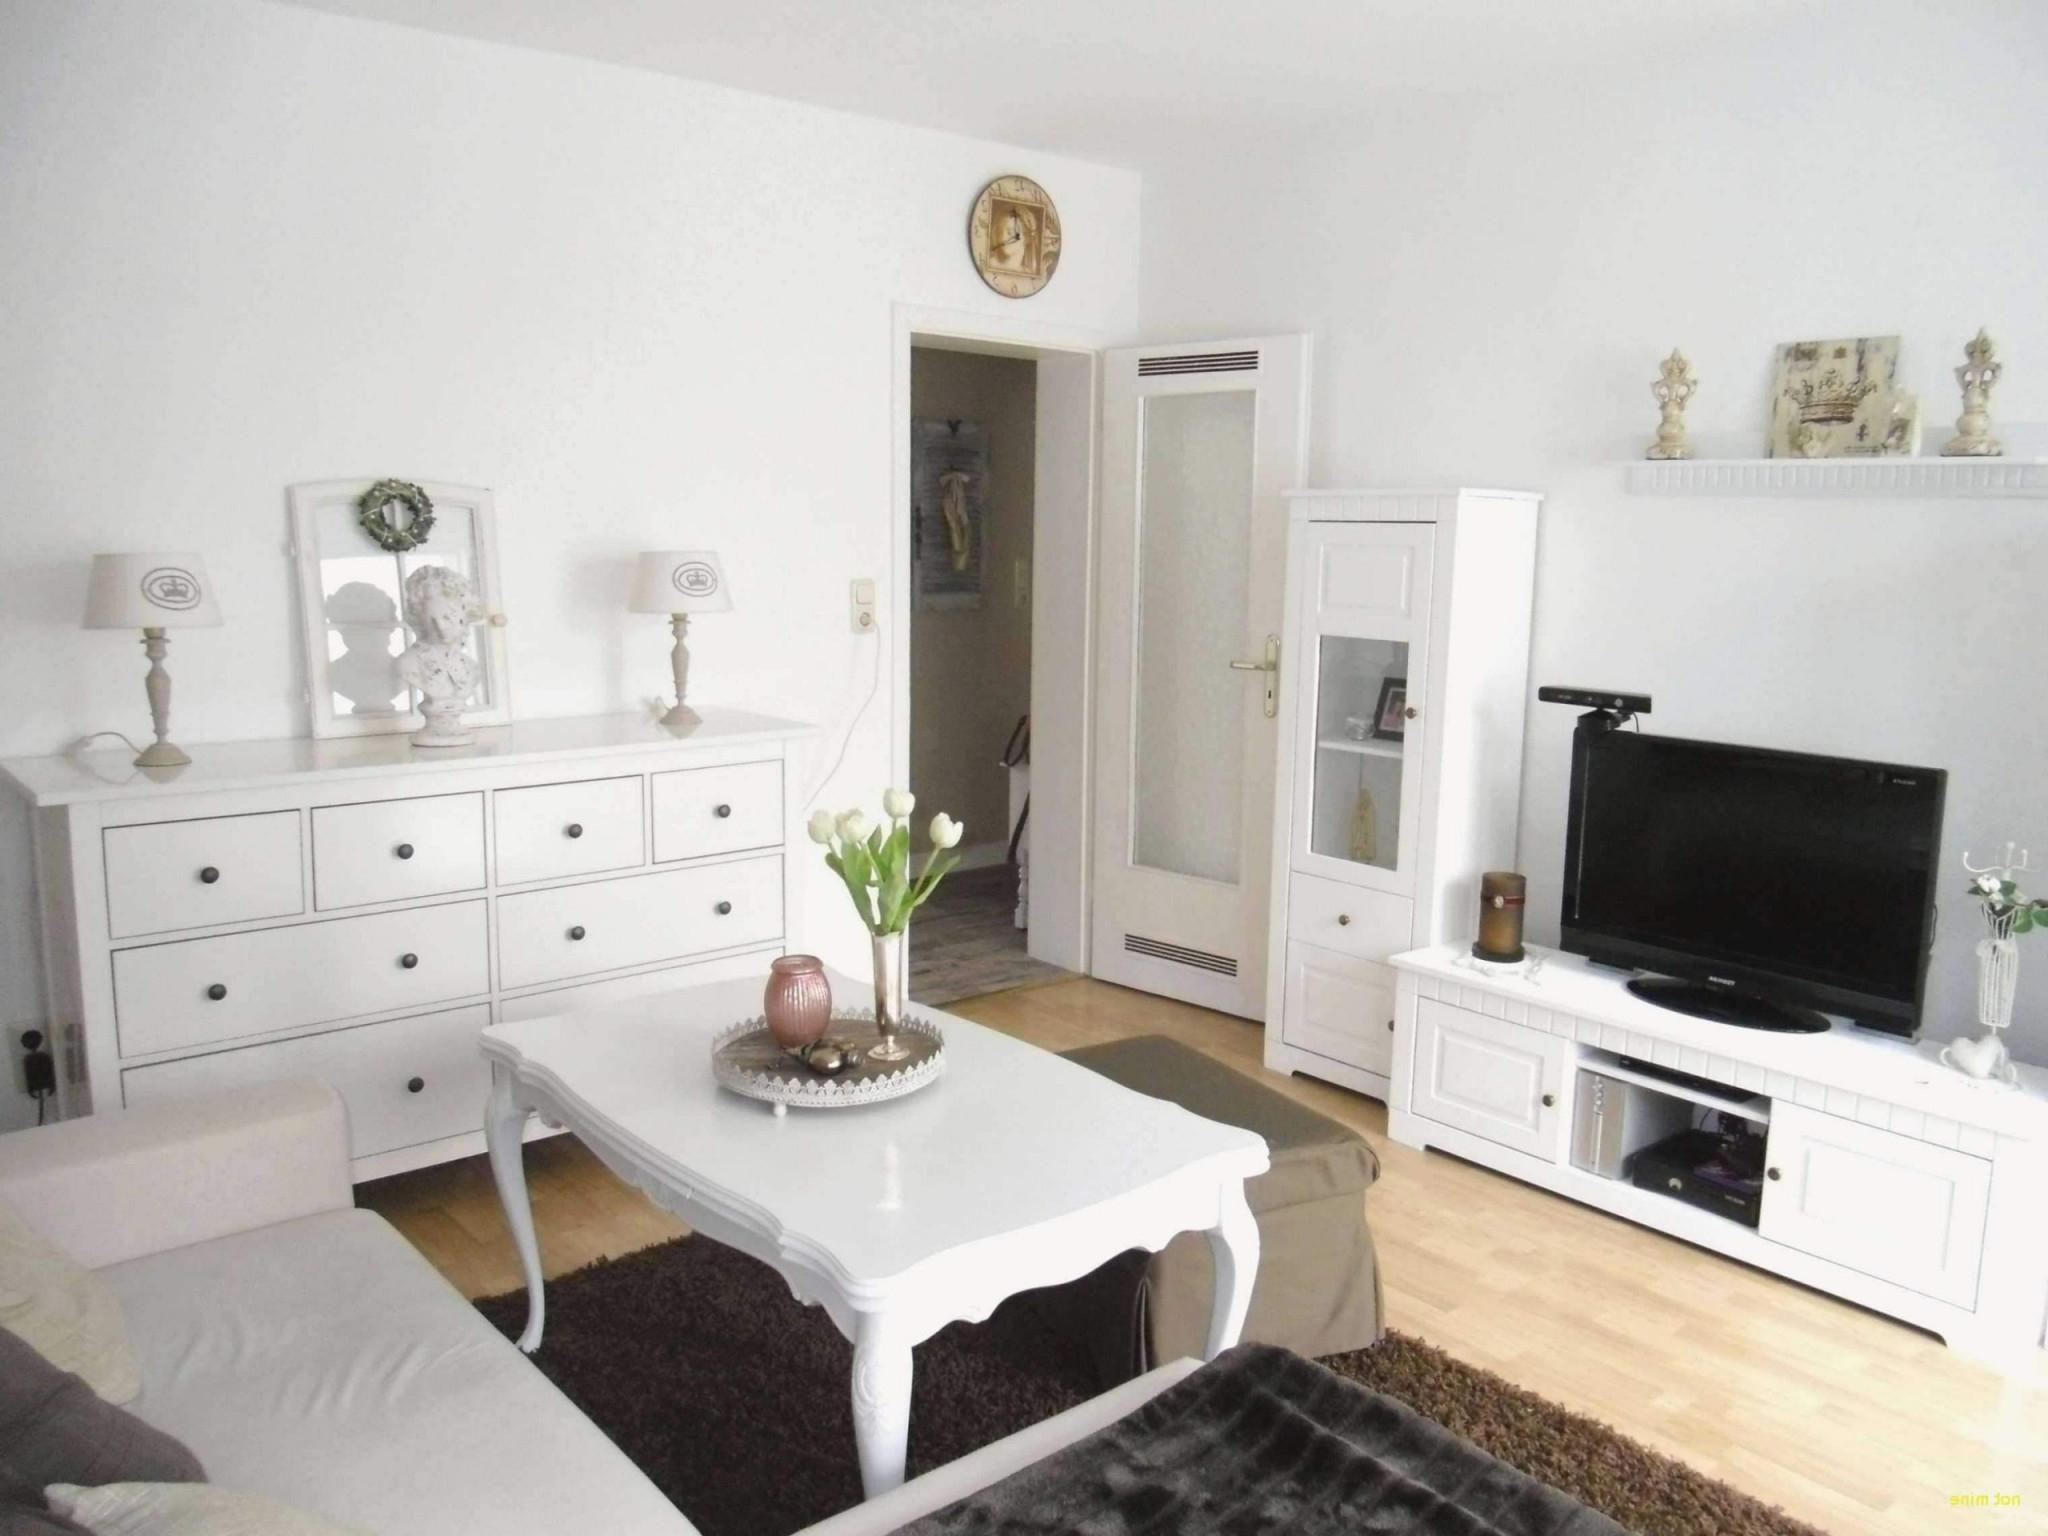 39 Einzigartig Ecke Im Wohnzimmer Dekorieren Luxus von Deko Ecke Wohnzimmer Photo